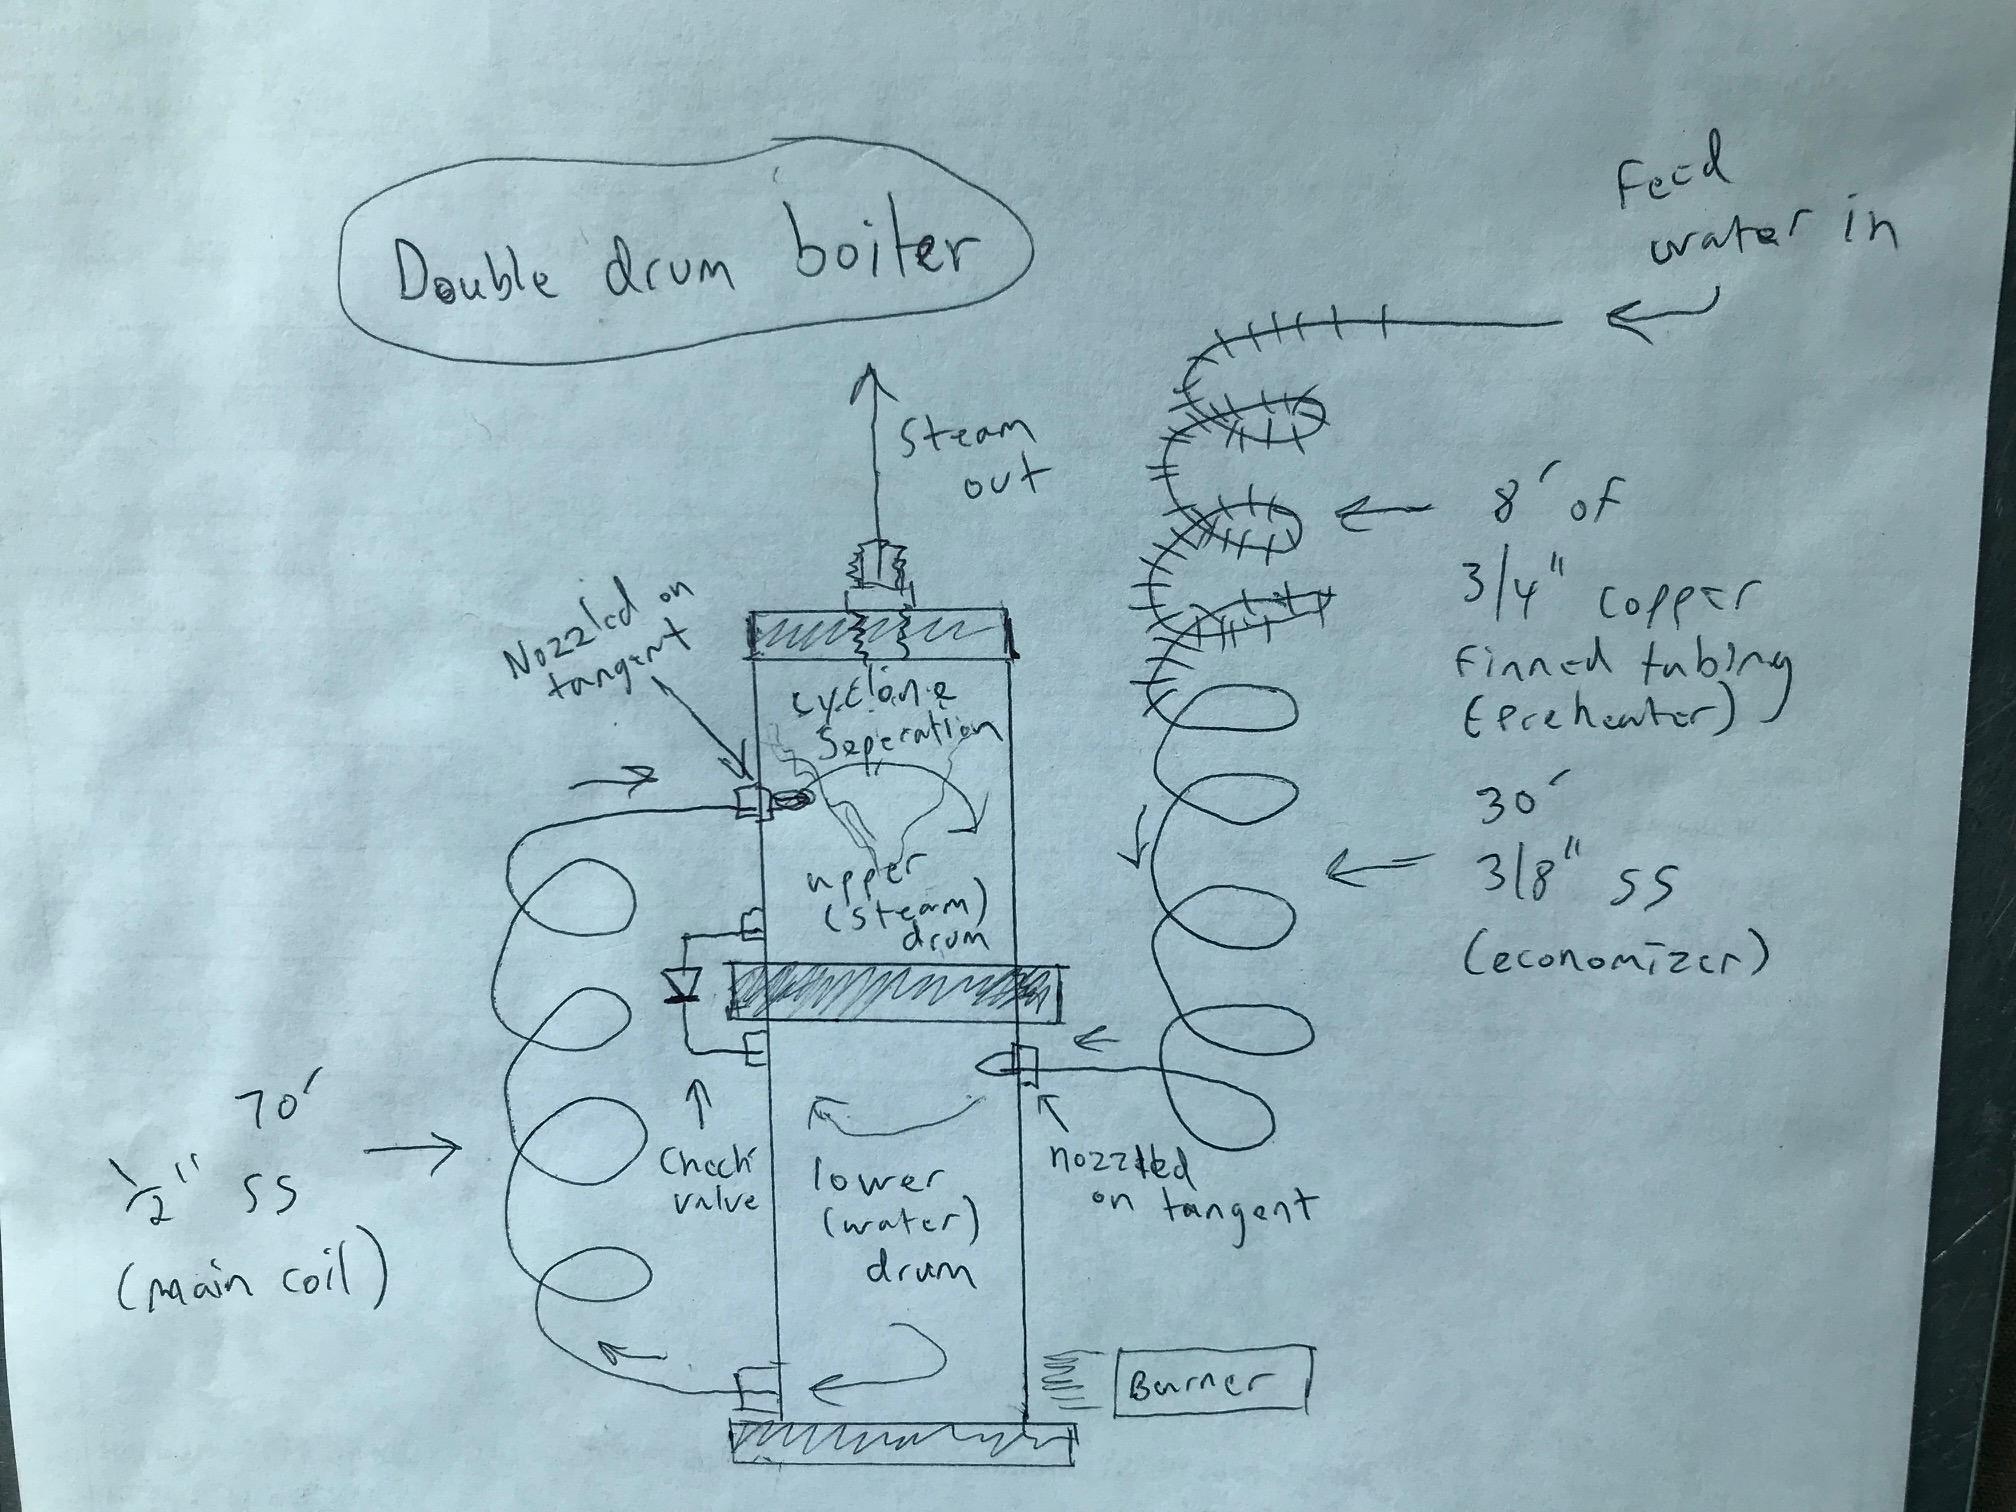 Double Drum Boiler